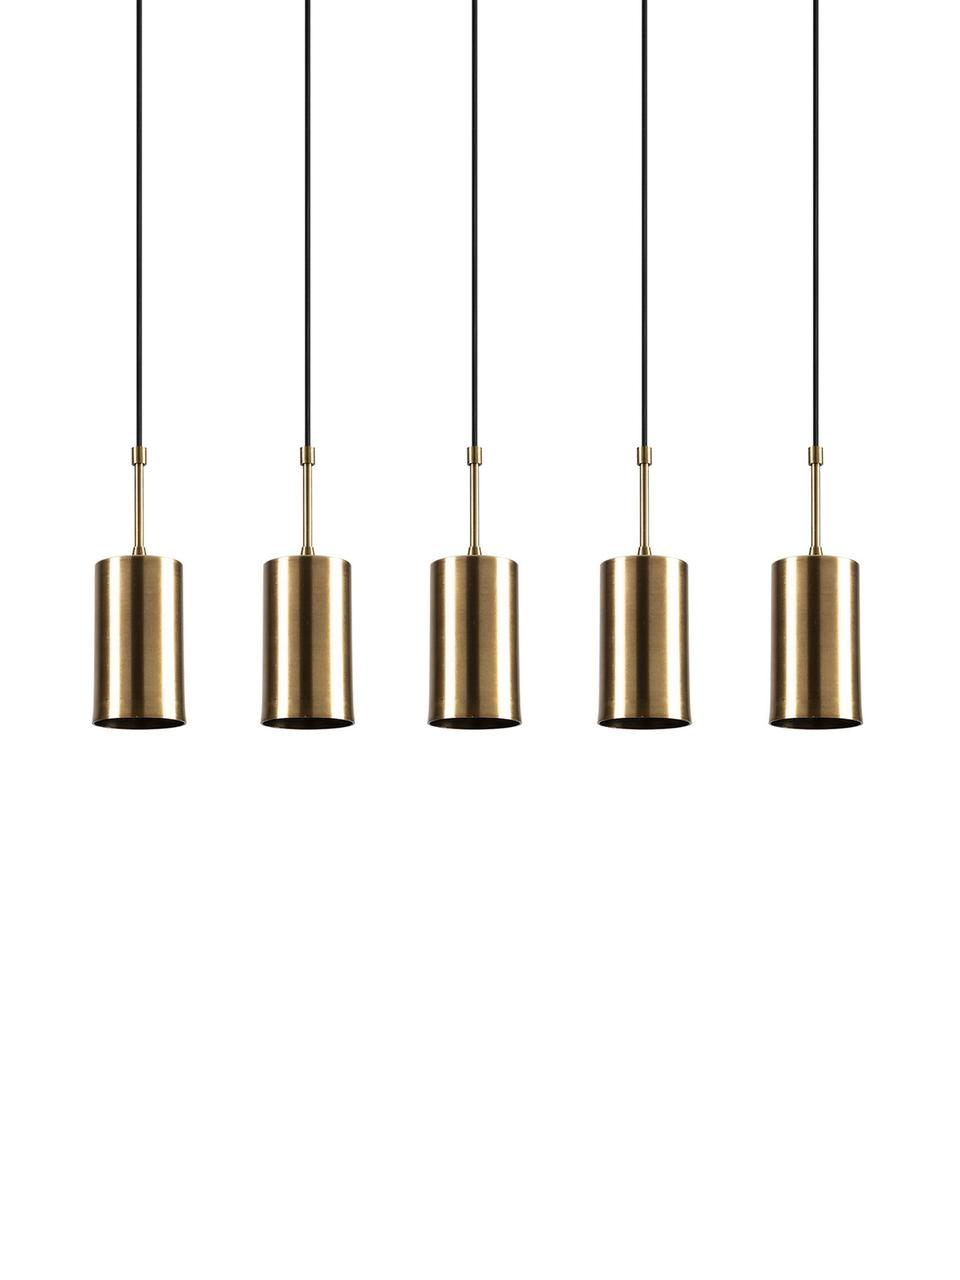 Lampada a sospensione Kem, Paralume: metallo rivestito, Baldacchino: metallo rivestito, Ottonato, nero, Larg. 78 x Alt. 120 cm